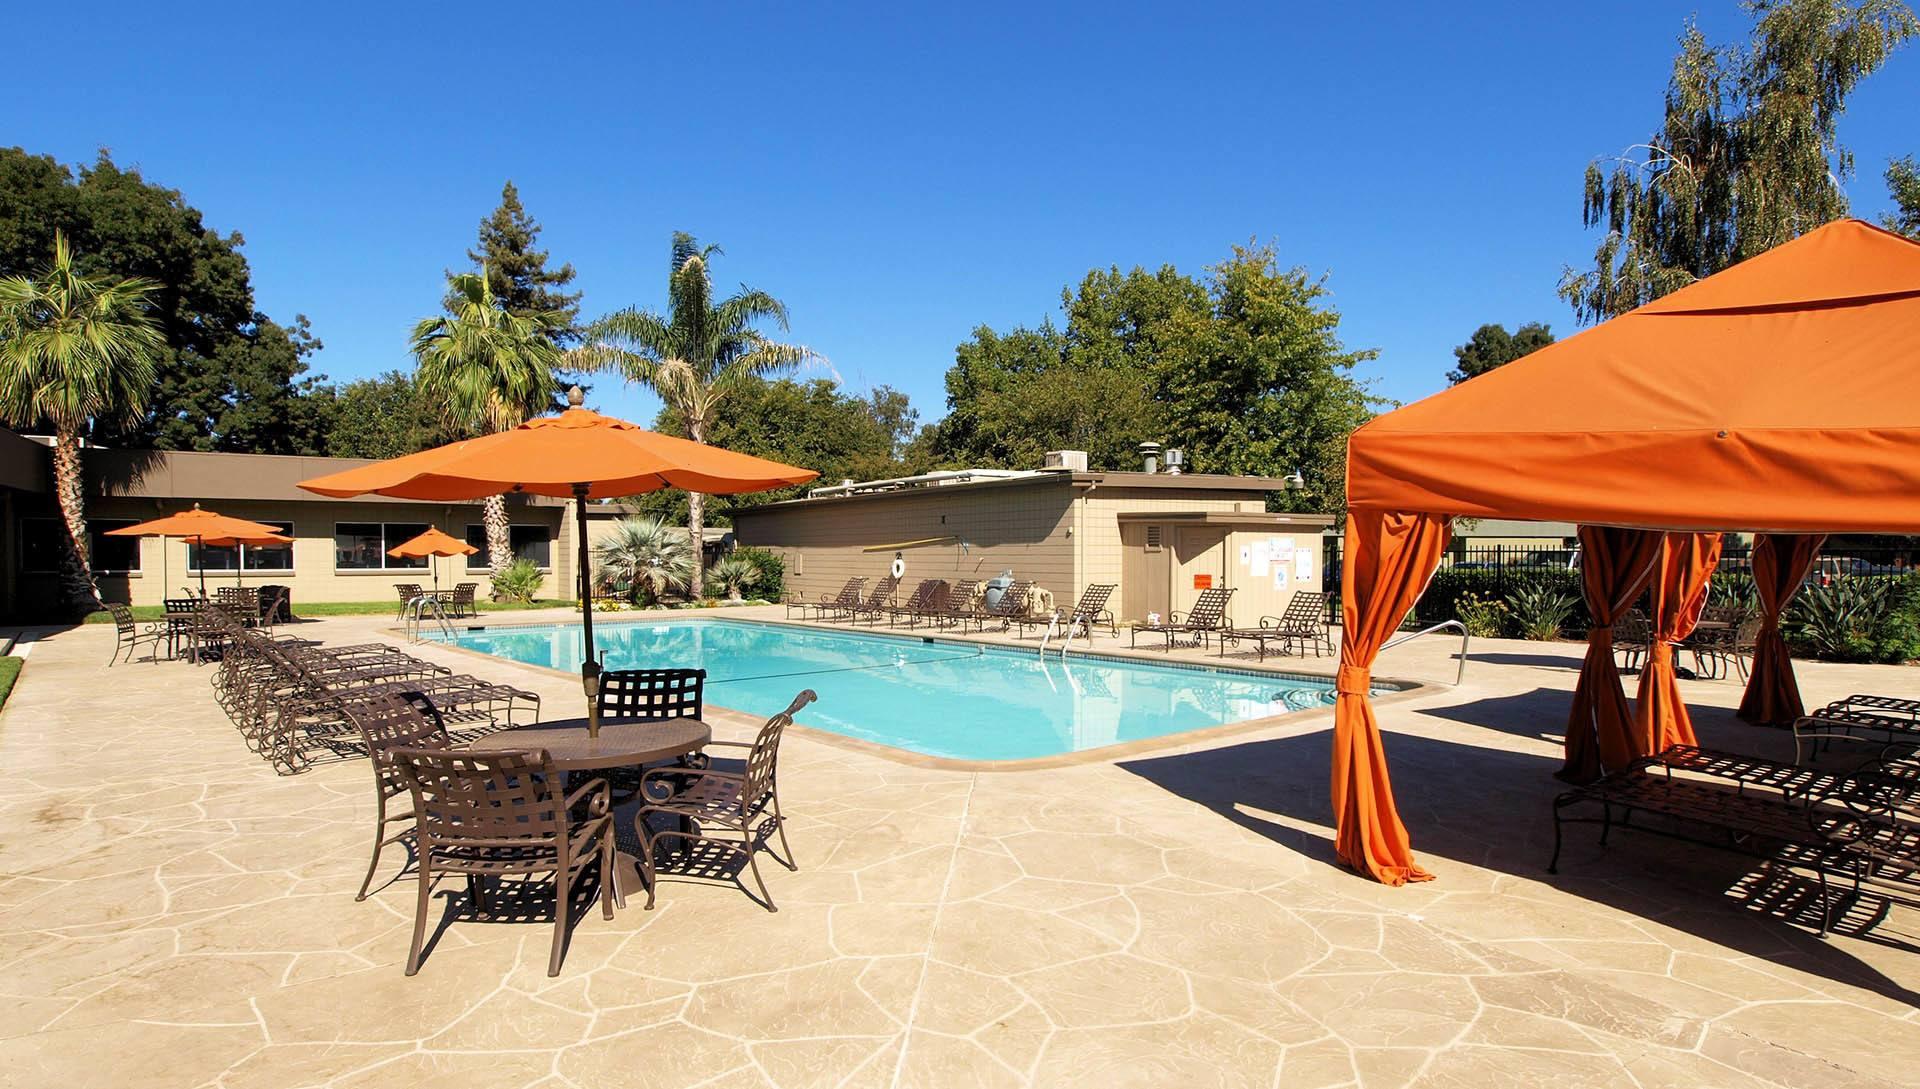 Apartments in Chico, CA